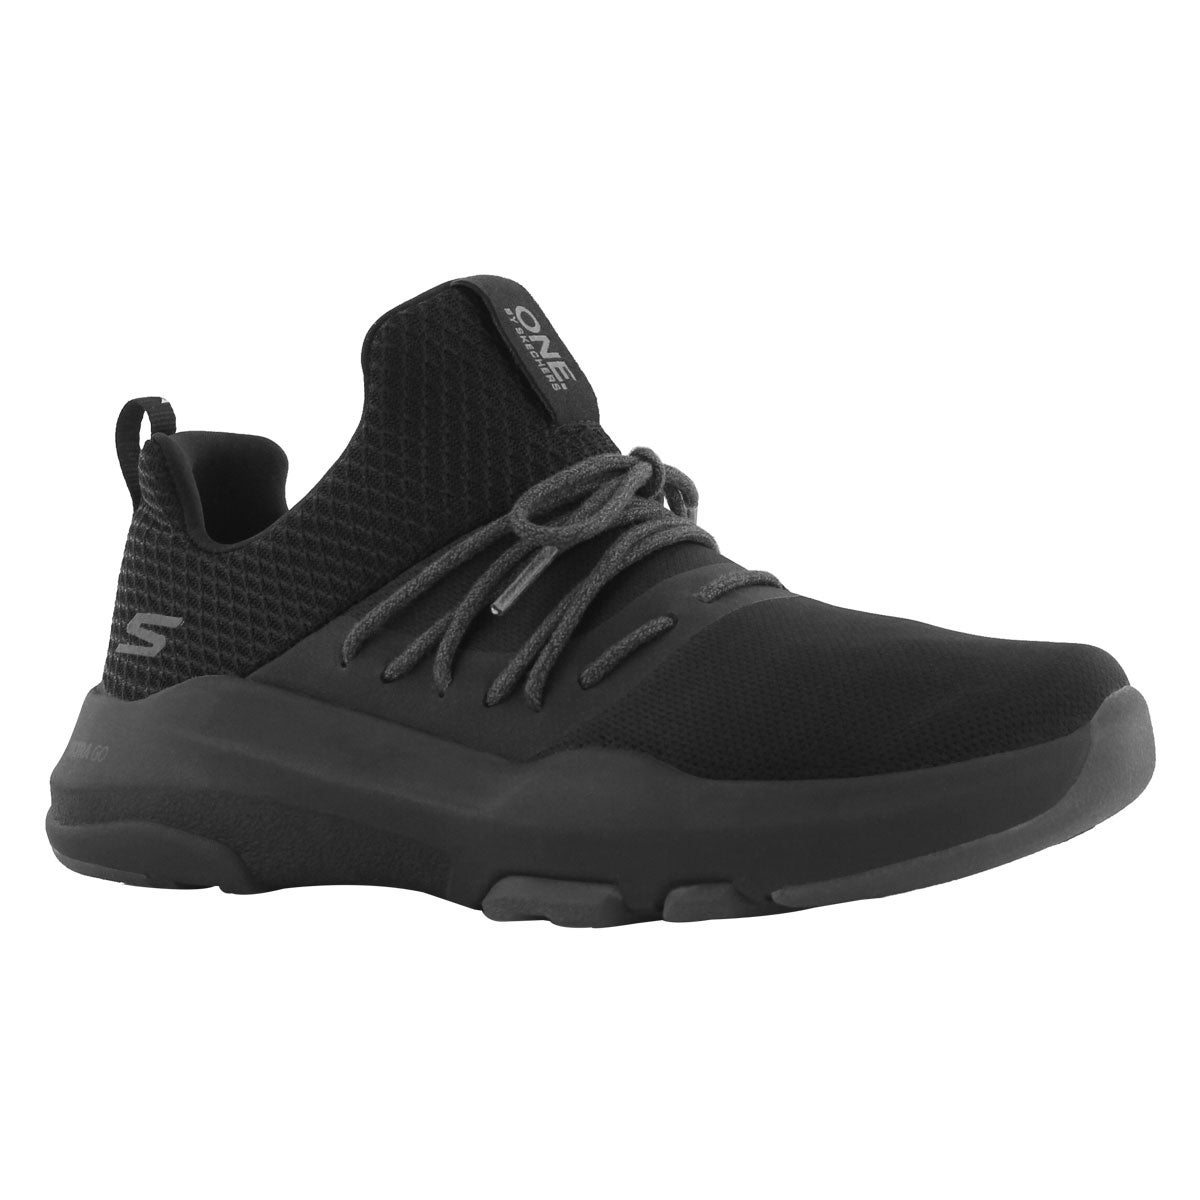 Women's ELEMENT ULTRA black sneakers